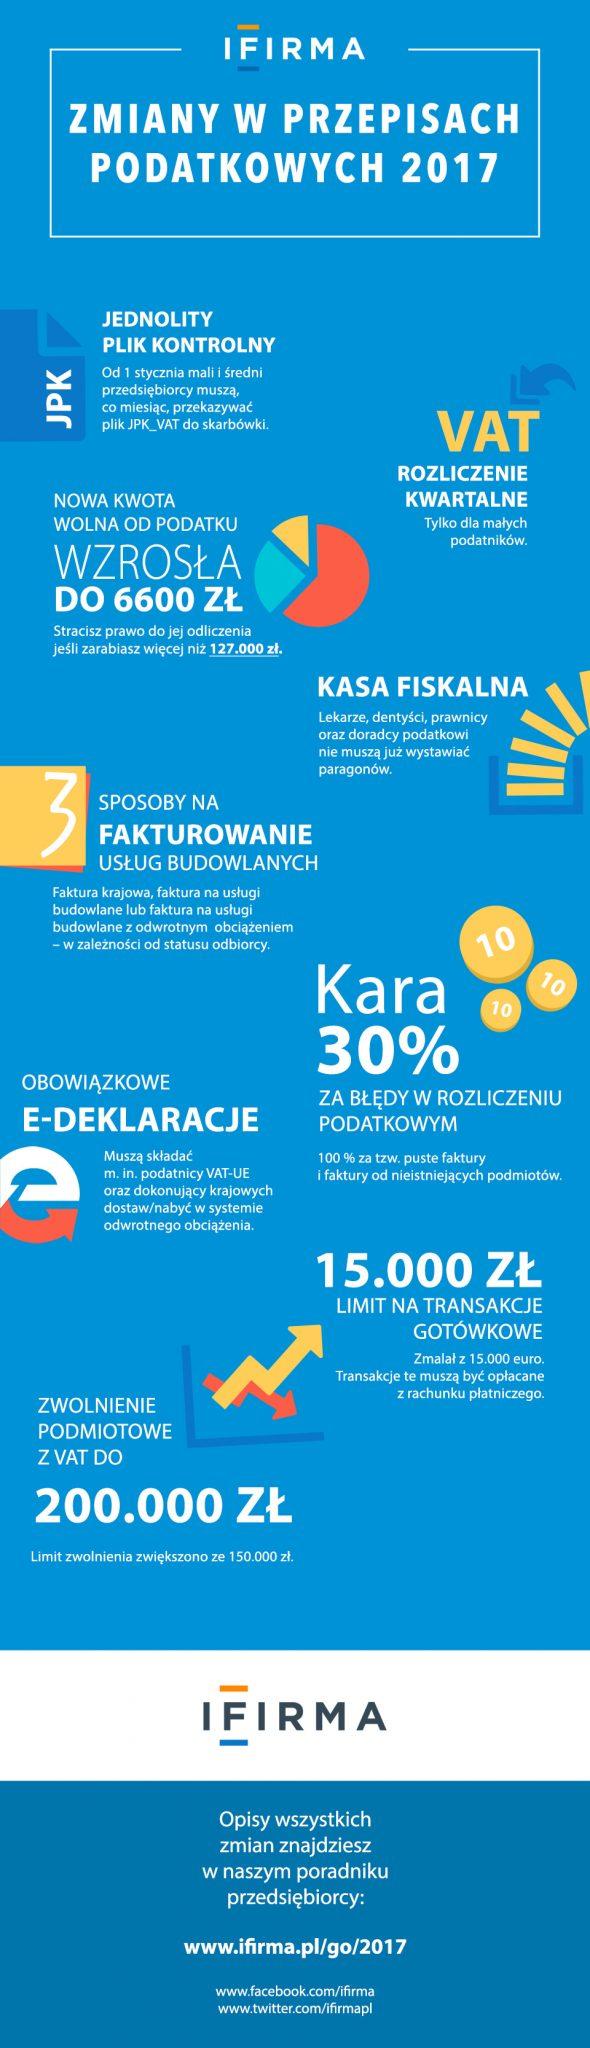 zmiany w przepisach podatkowych - infografika